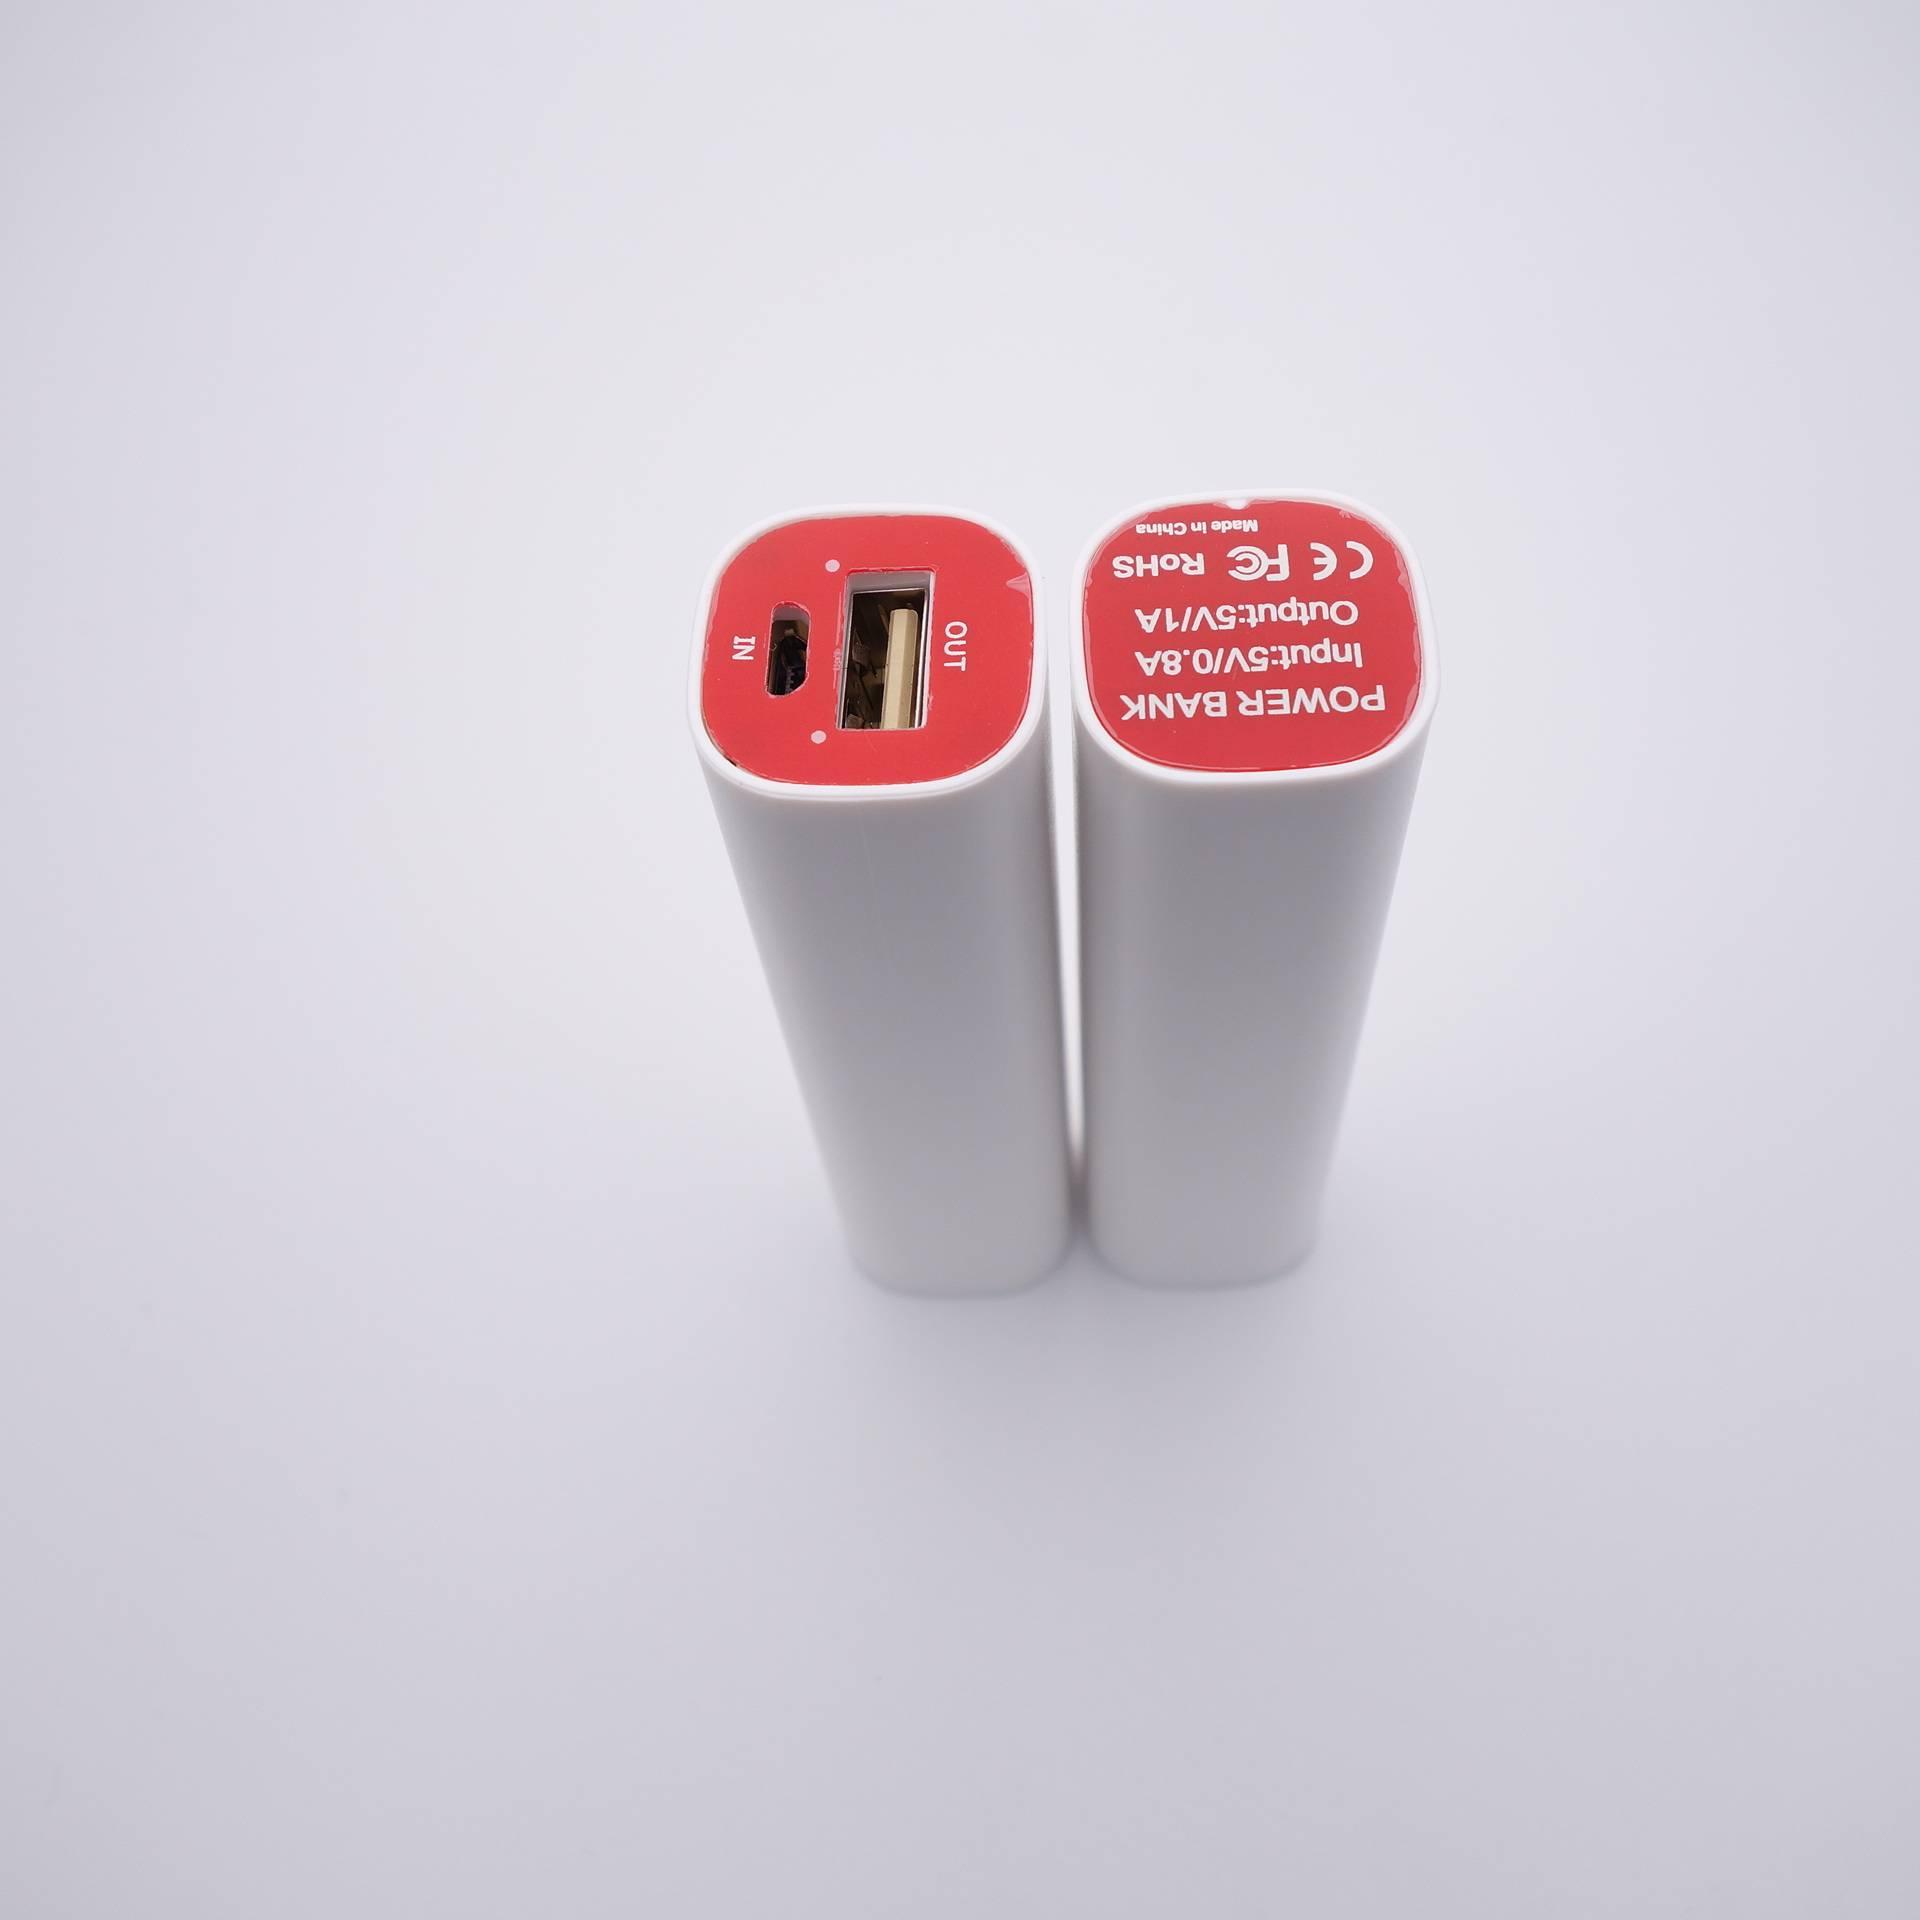 LED power indicator power bank 2000mah-3000mah